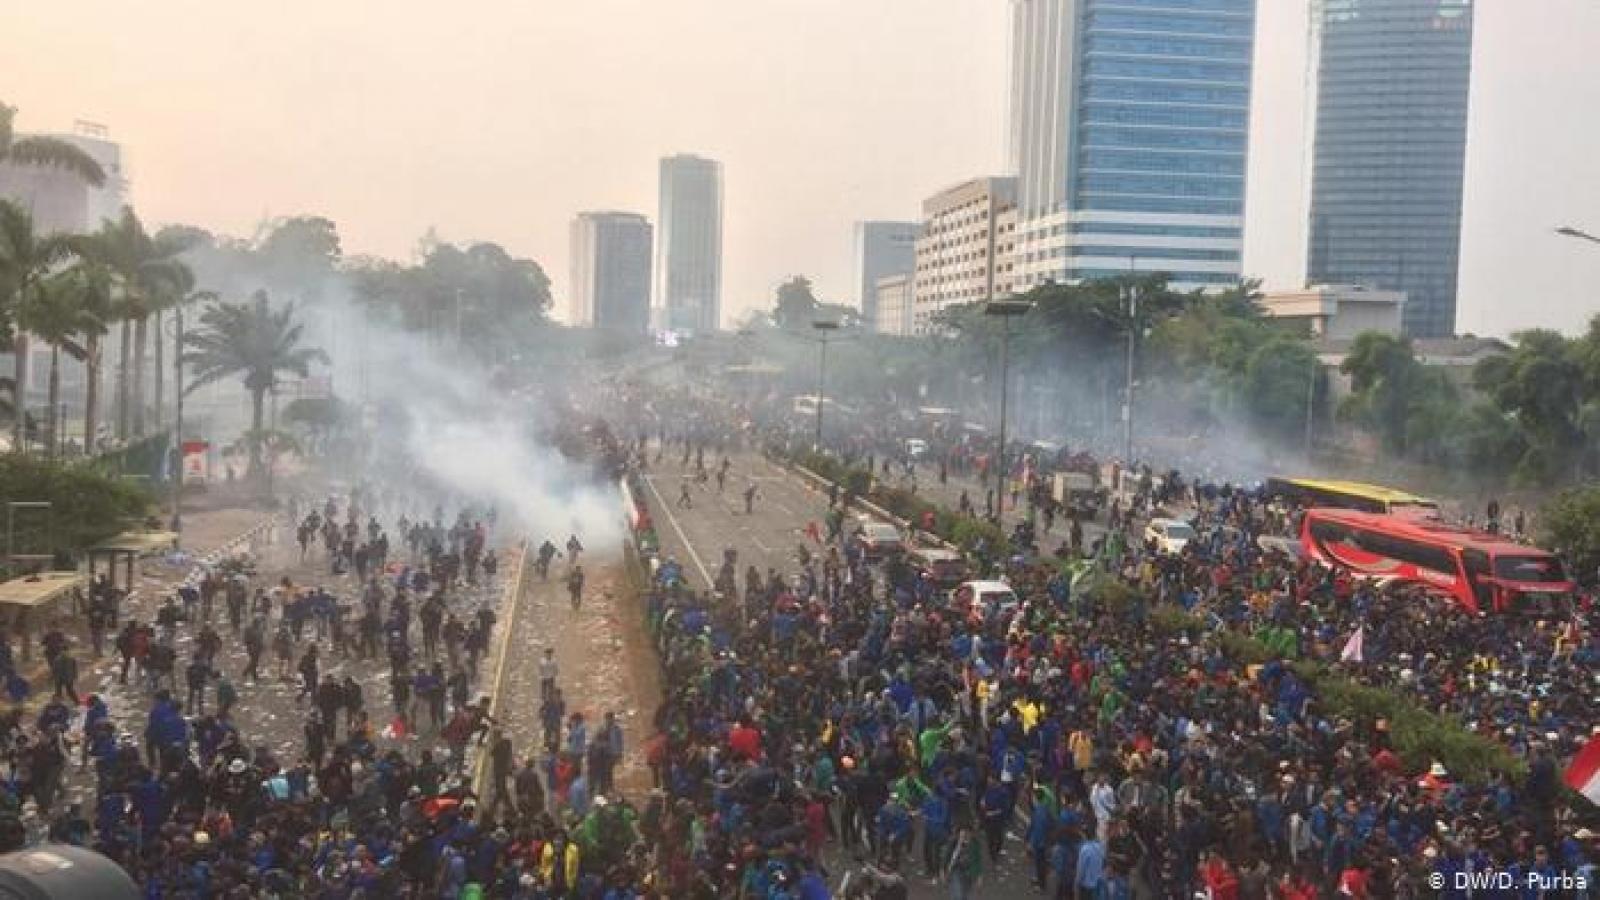 Indonesia yêu cầu xét nghiệm Covid-19 với sinh viên tham gia biểu tình